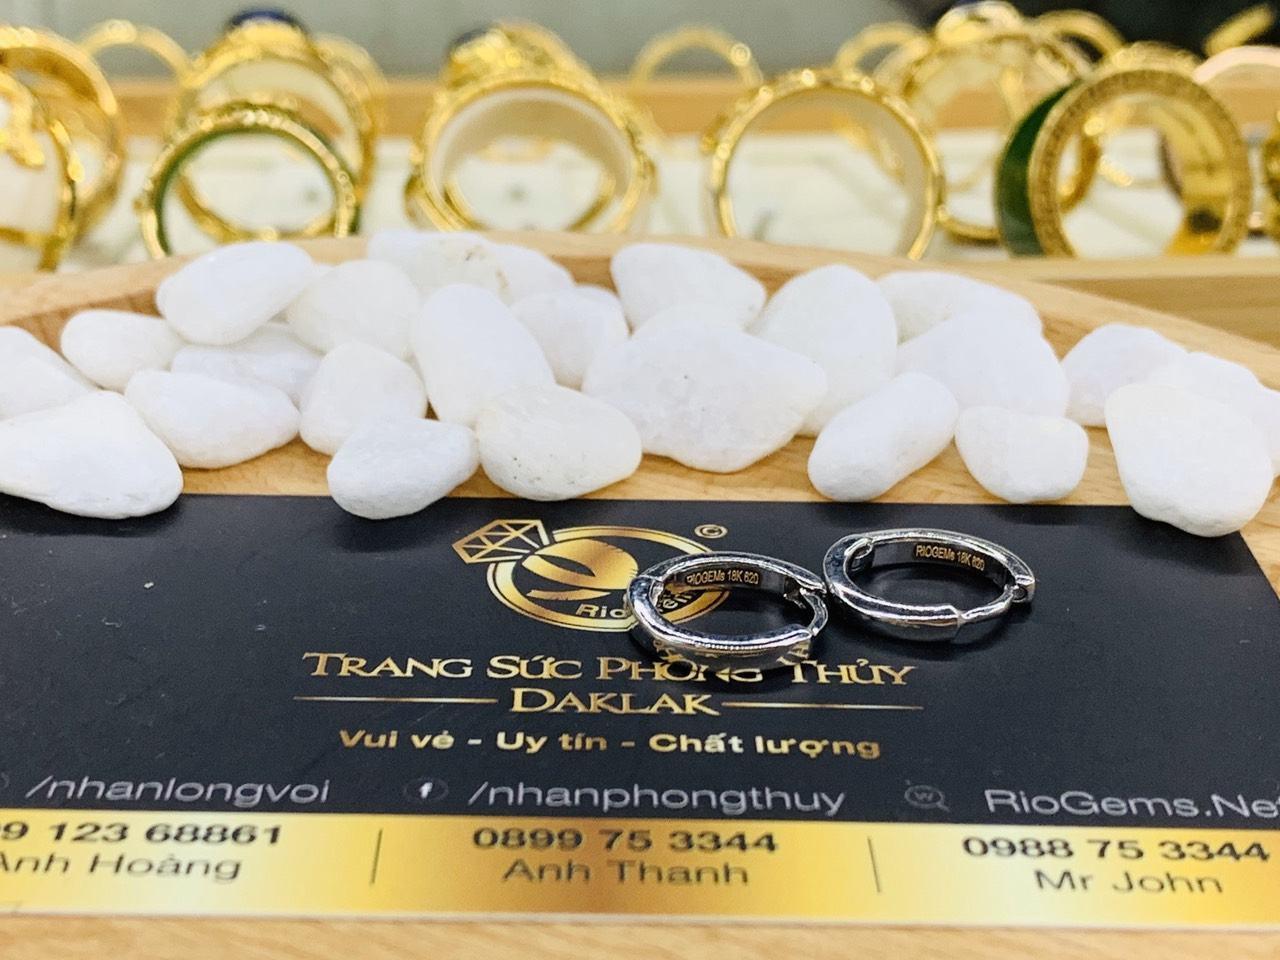 Sản phẩm bông tai vàng trắng phong thủy RIOGEMs được làm từ chất liệu vàng trắng 18K cao cấp vừa sang trọng vừa hợp túi tiền